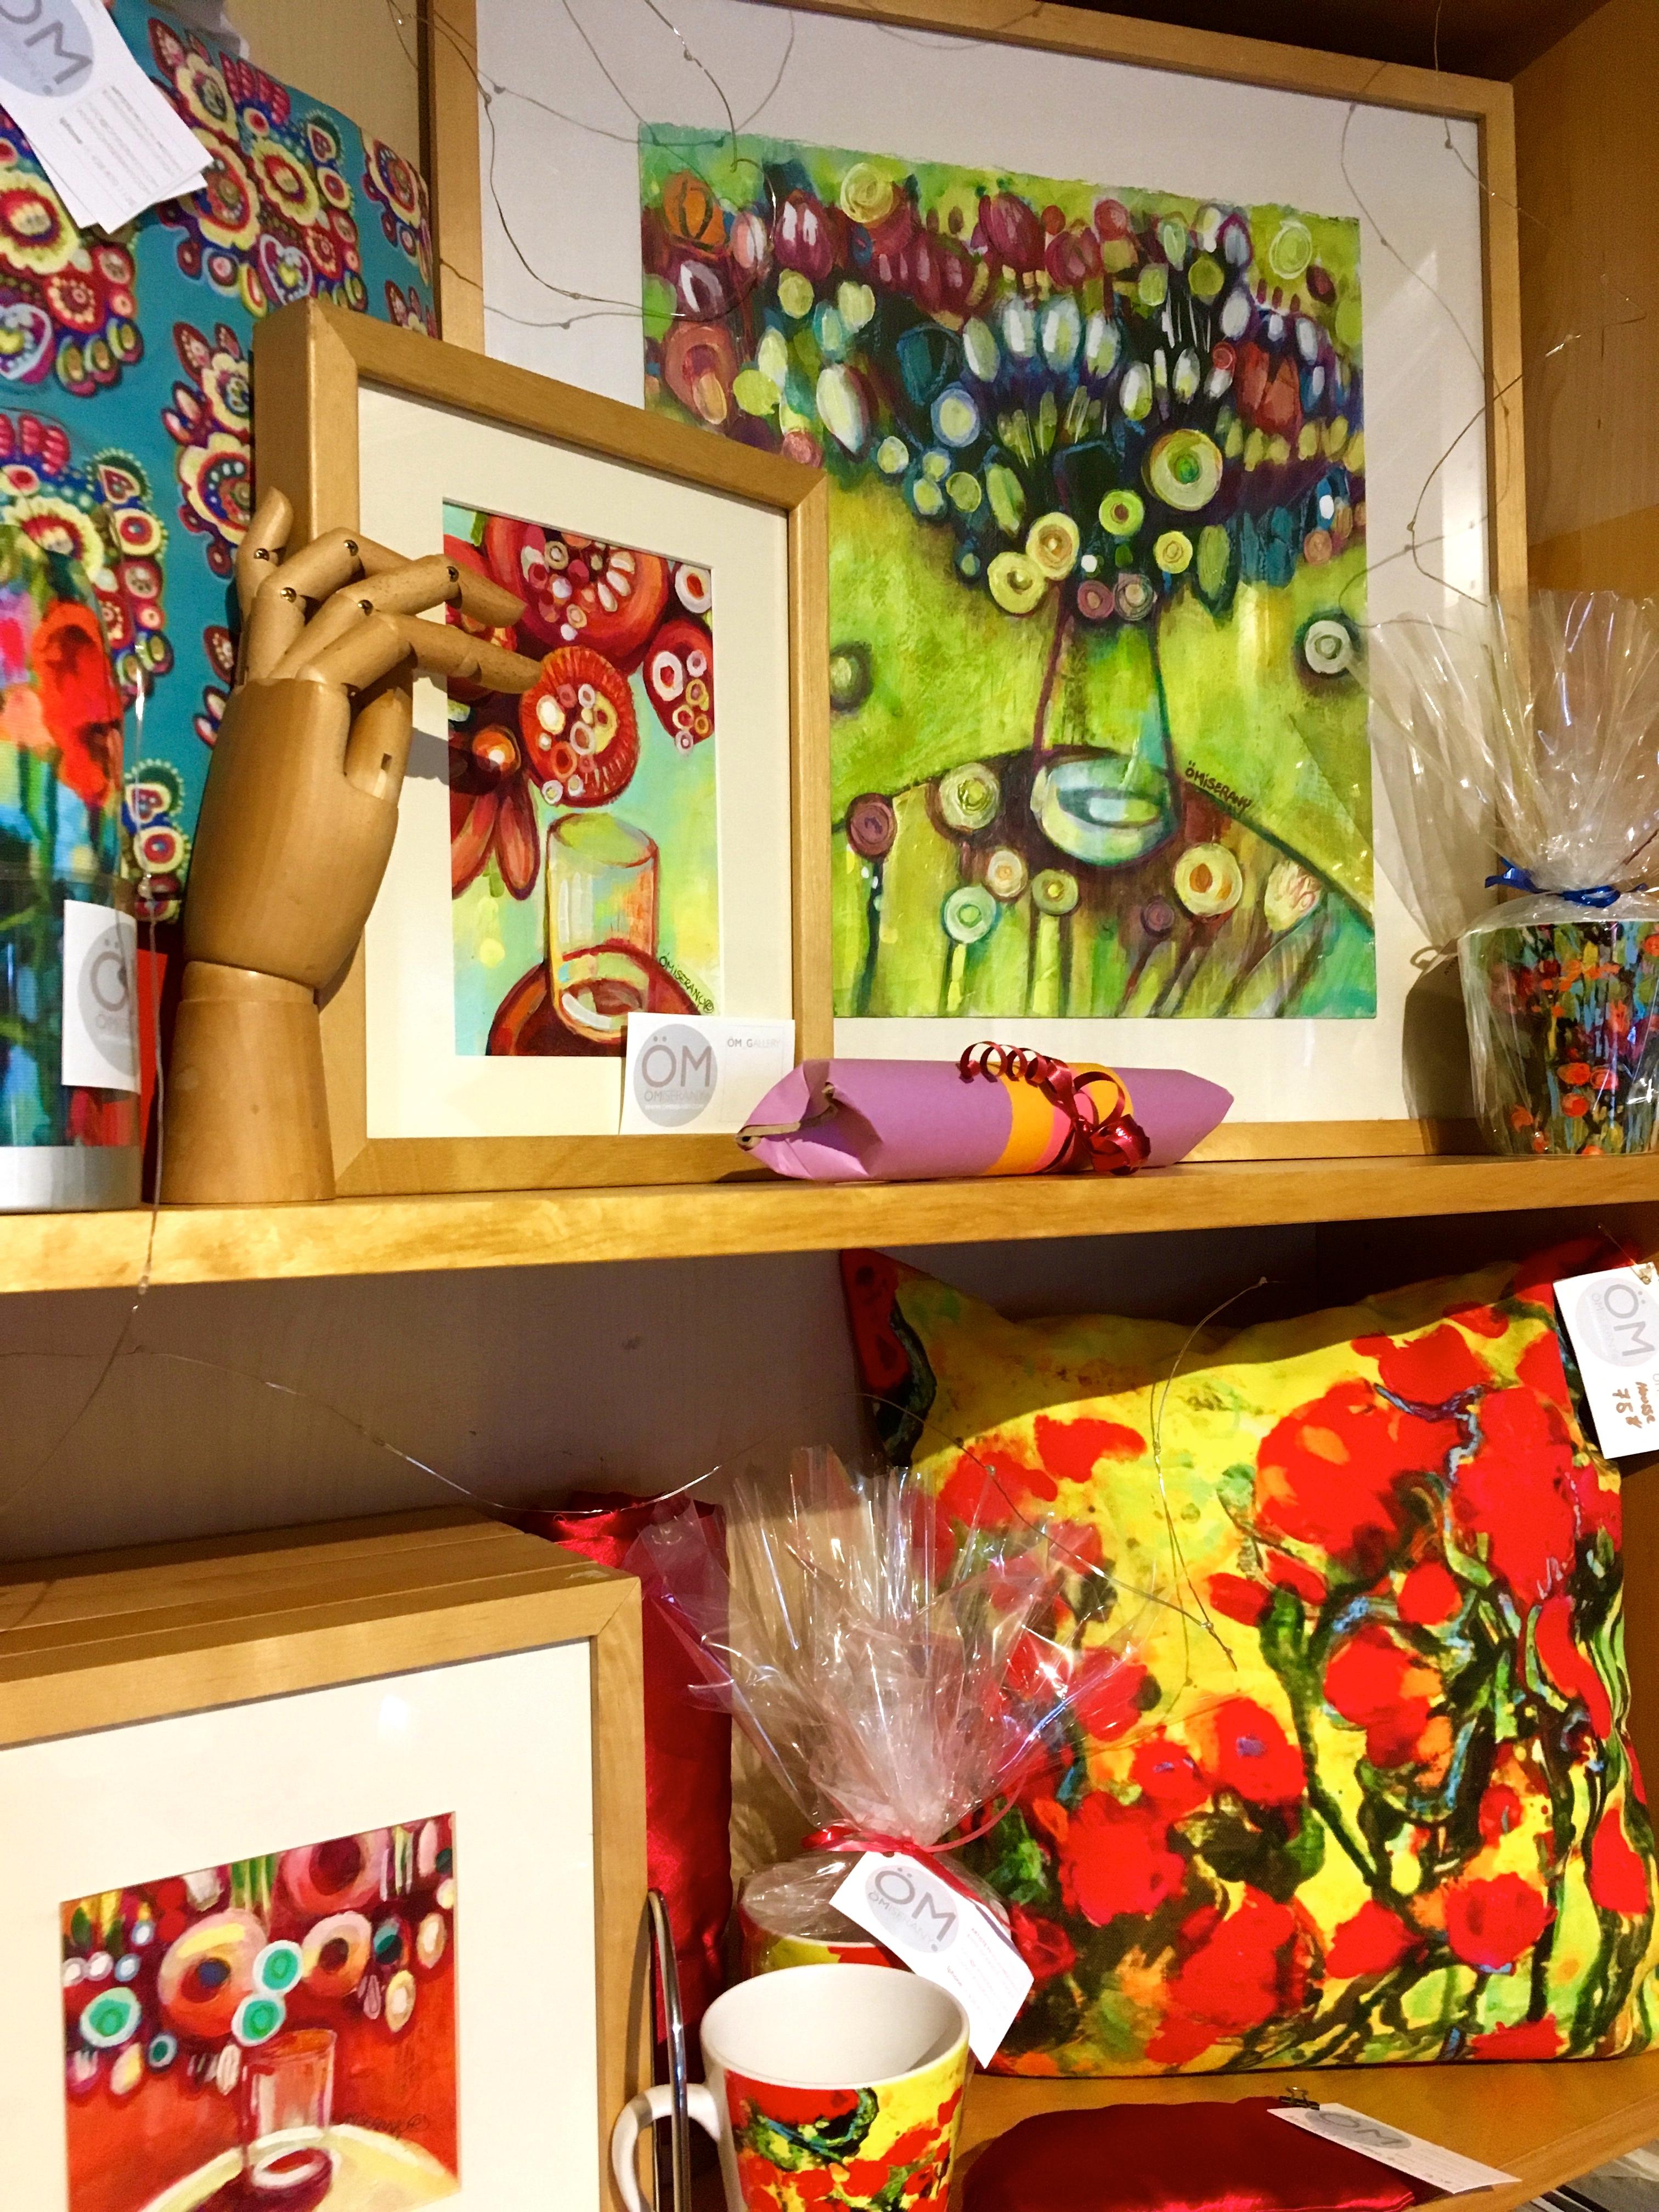 ÖM_GALLERY présentoirs de toile unique et de produits ÖMISERANY -2 de couleurs rouge et bleu